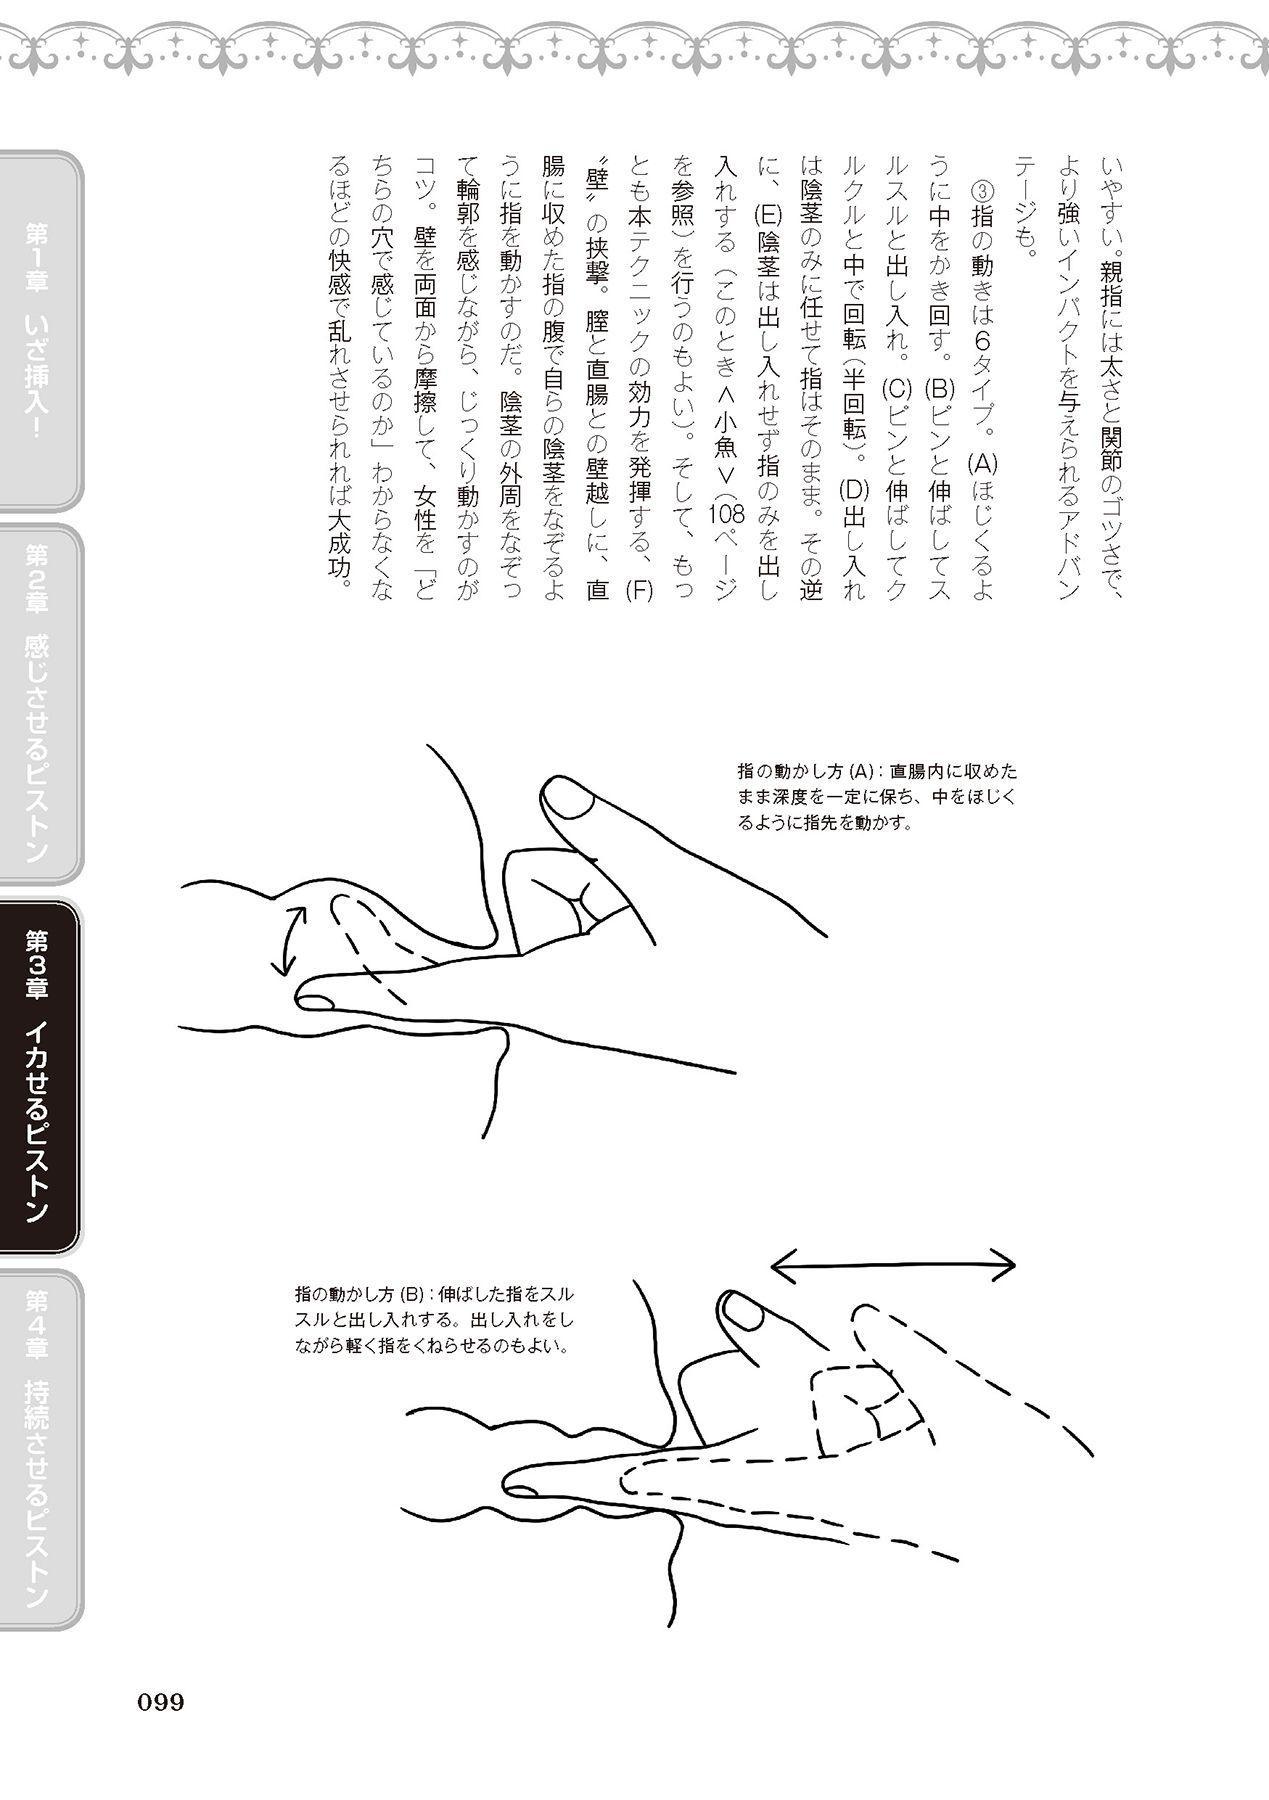 膣挿入&ピストン運動完全マニュアル イラスト版……ピスとんッ! 100